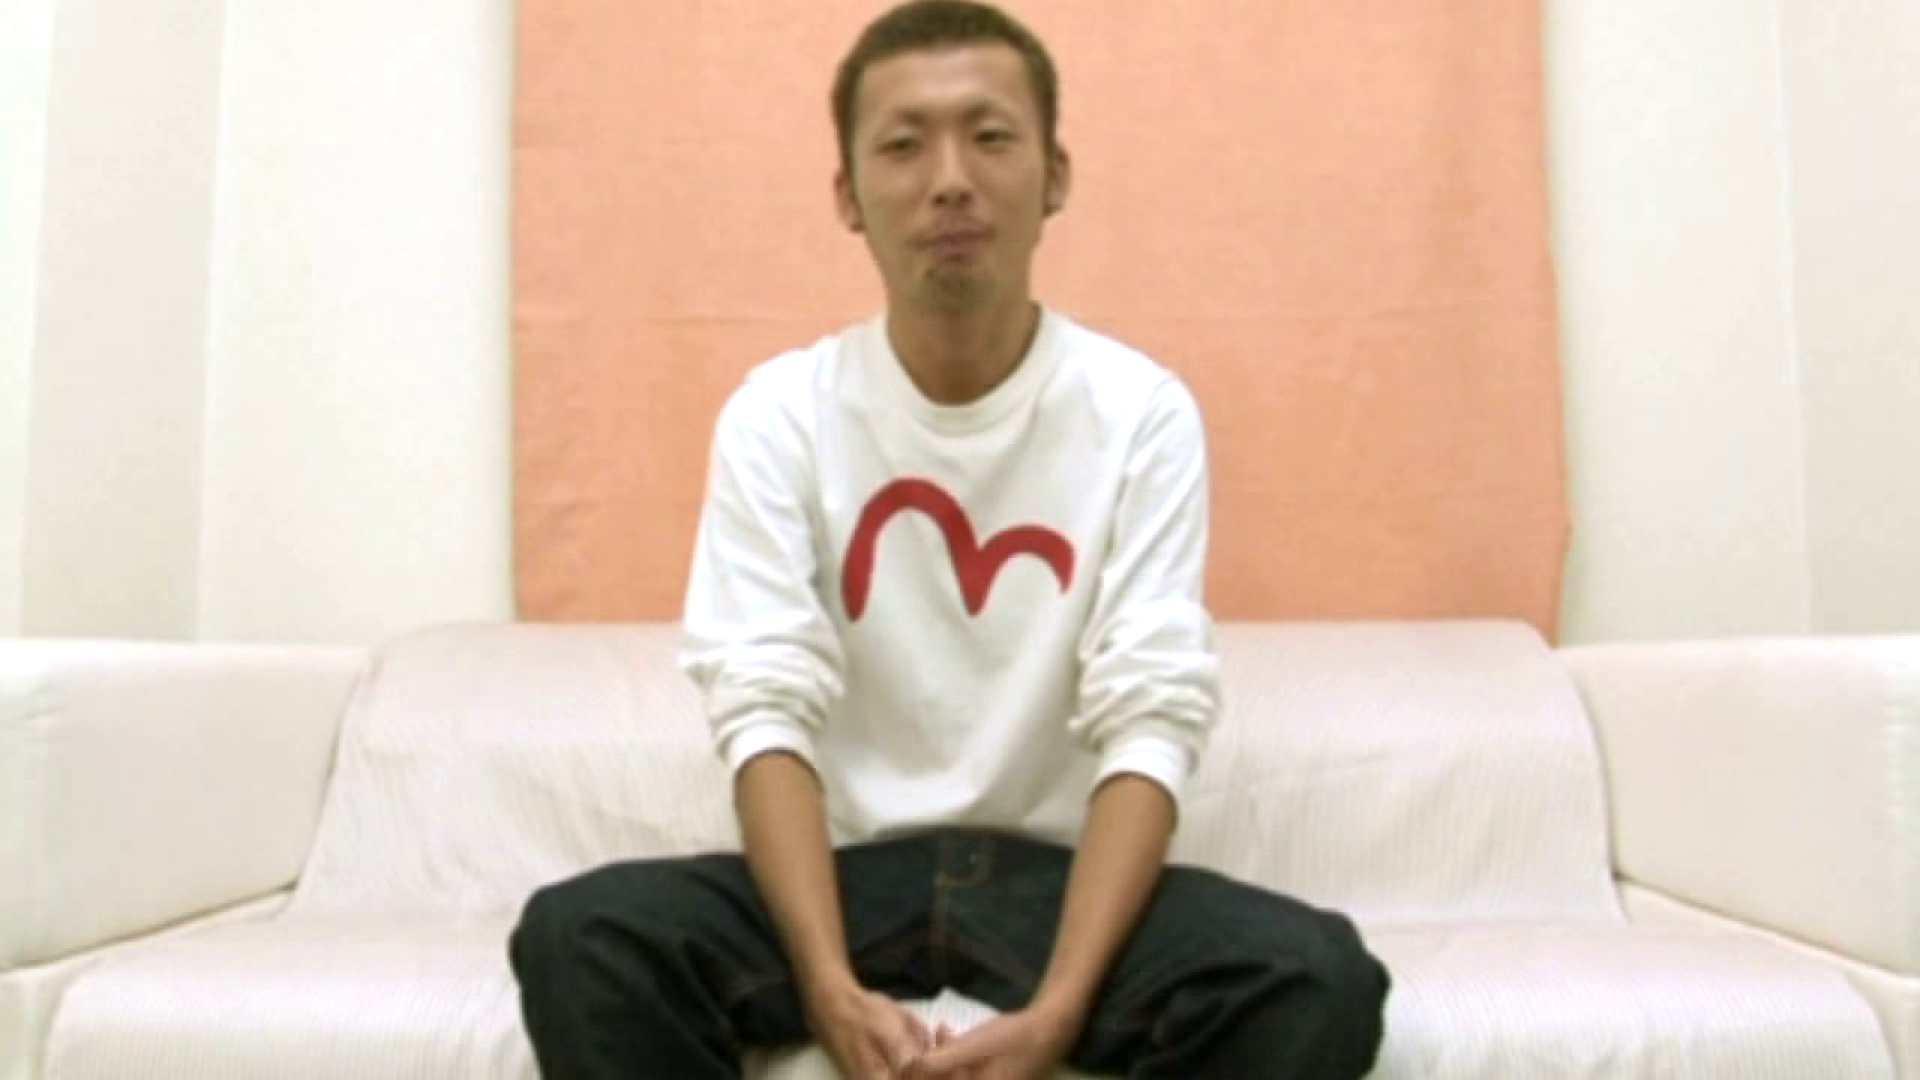 ノンケ!自慰スタジオ No.11 オナニー アダルトビデオ画像キャプチャ 88枚 37